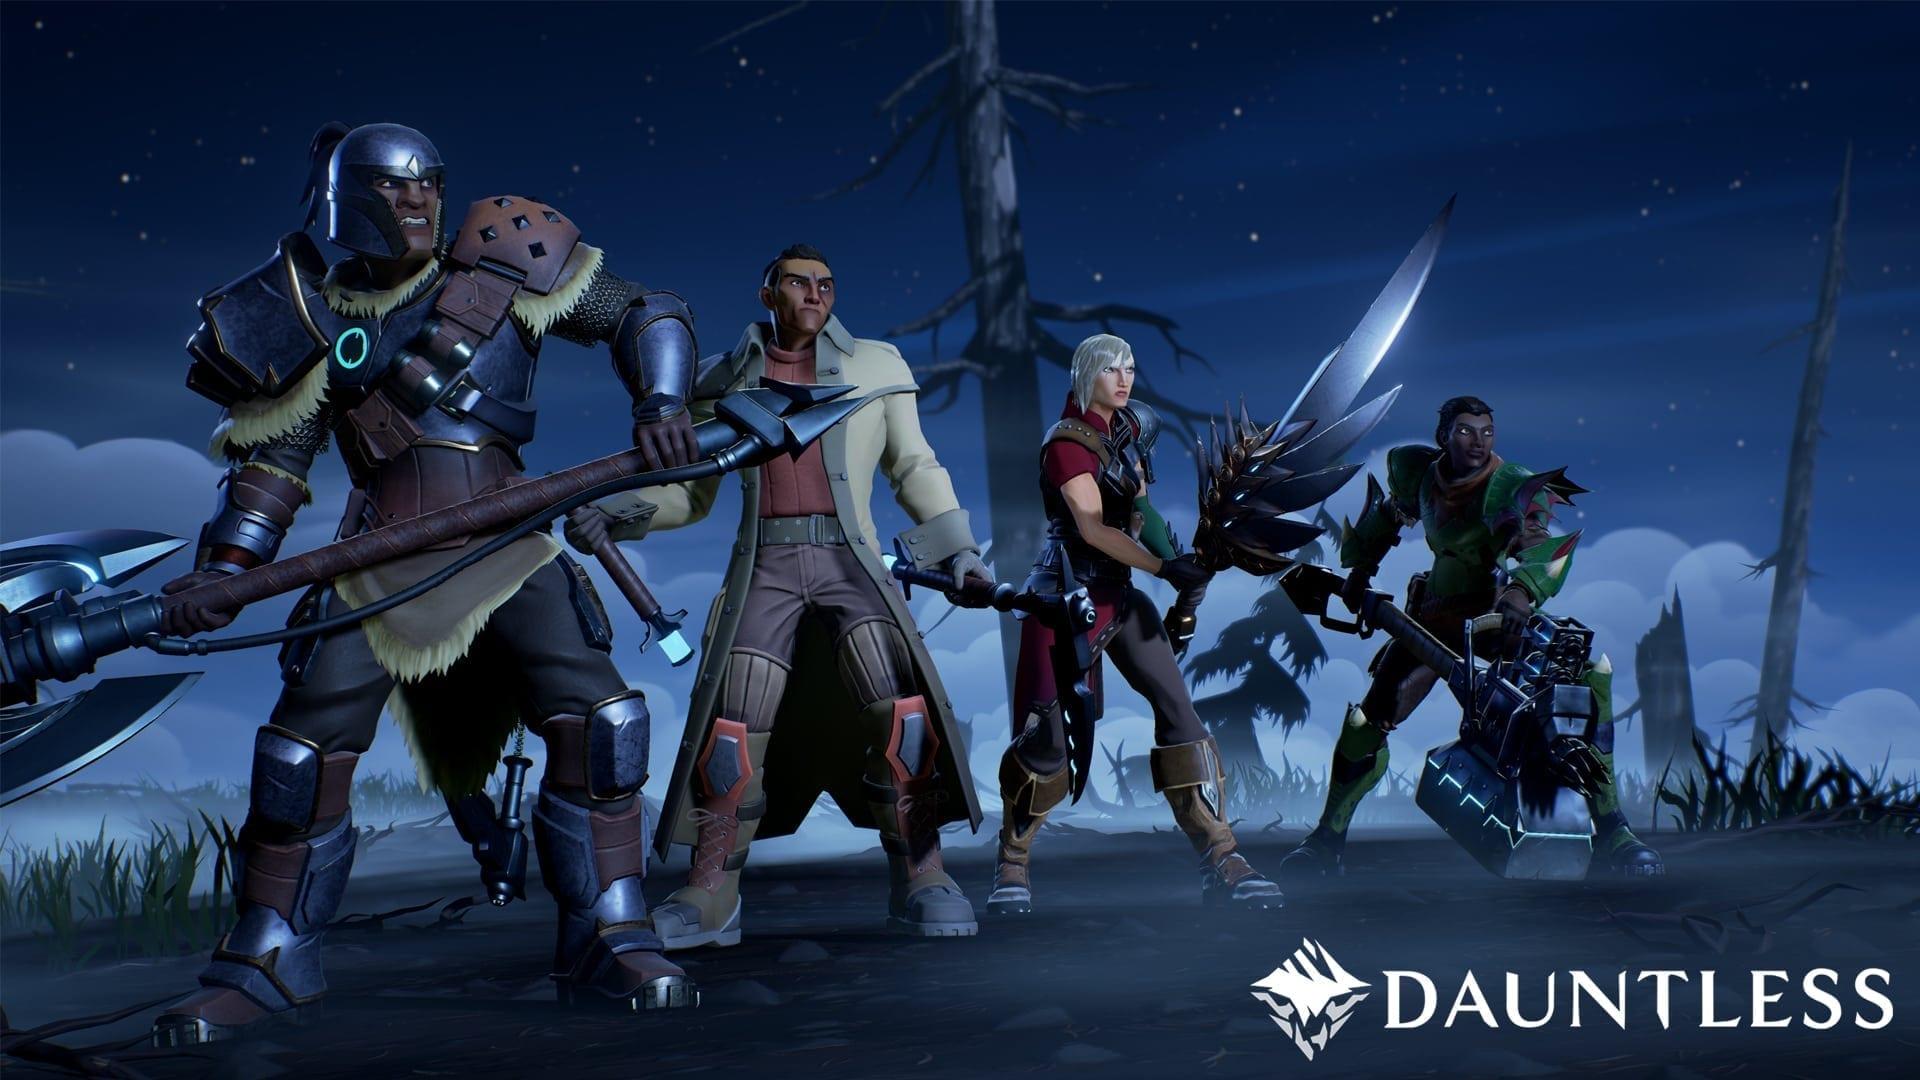 dauntless-cinematic-screenshot